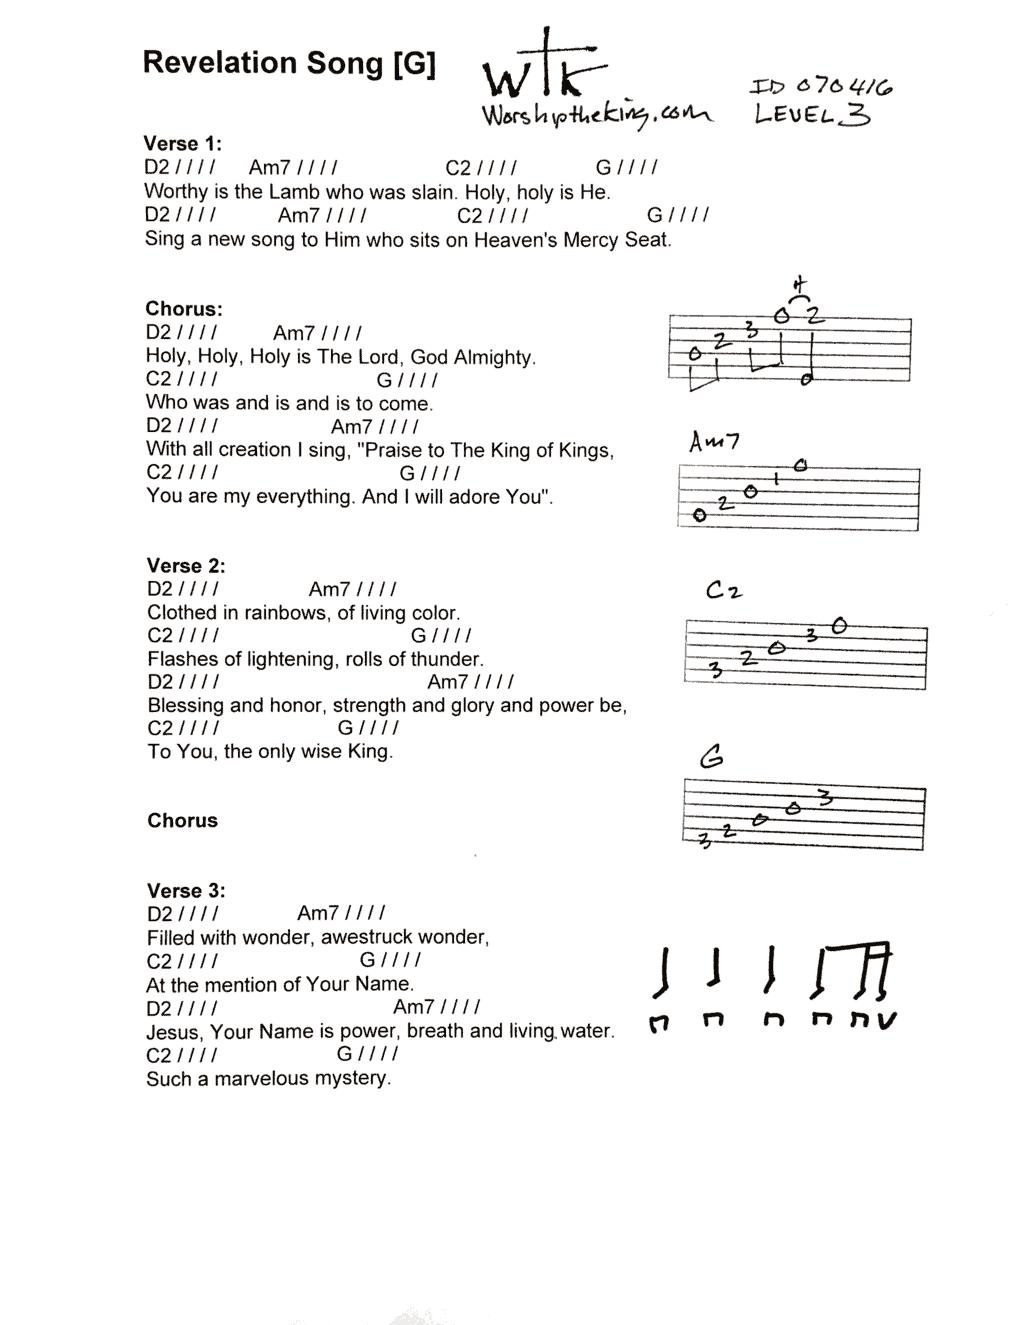 revelationsong-chart